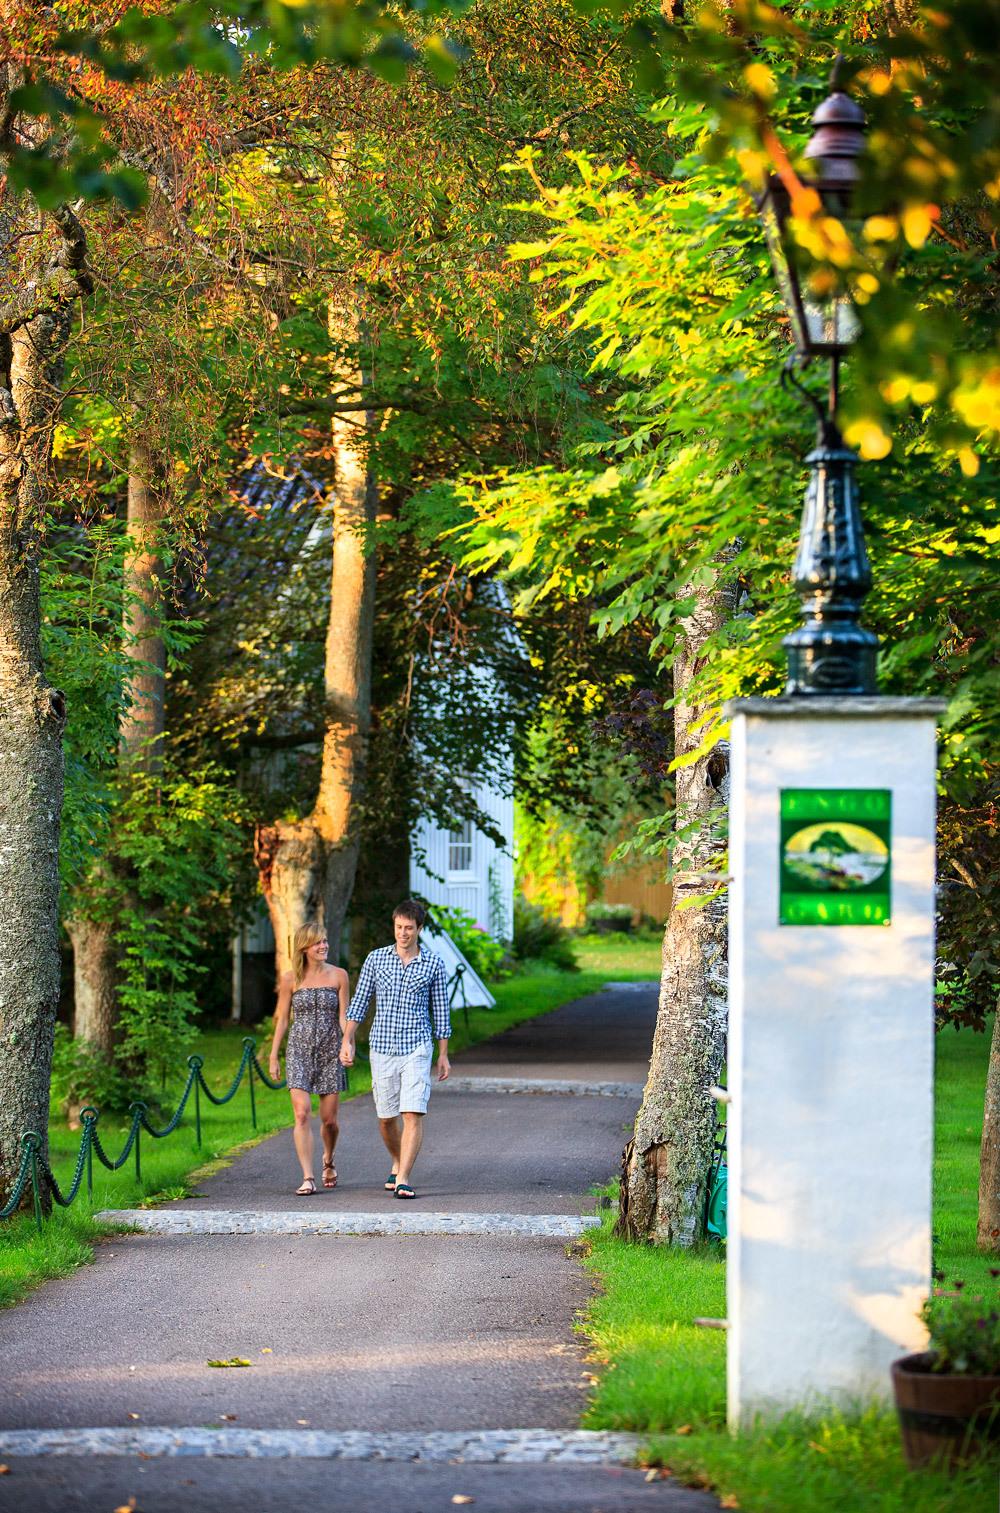 Vakker sensommerkveld på Engø. Livet går sin gang, ta vare på hverandre. Unn dere et romantisk opphold på Engø Gård